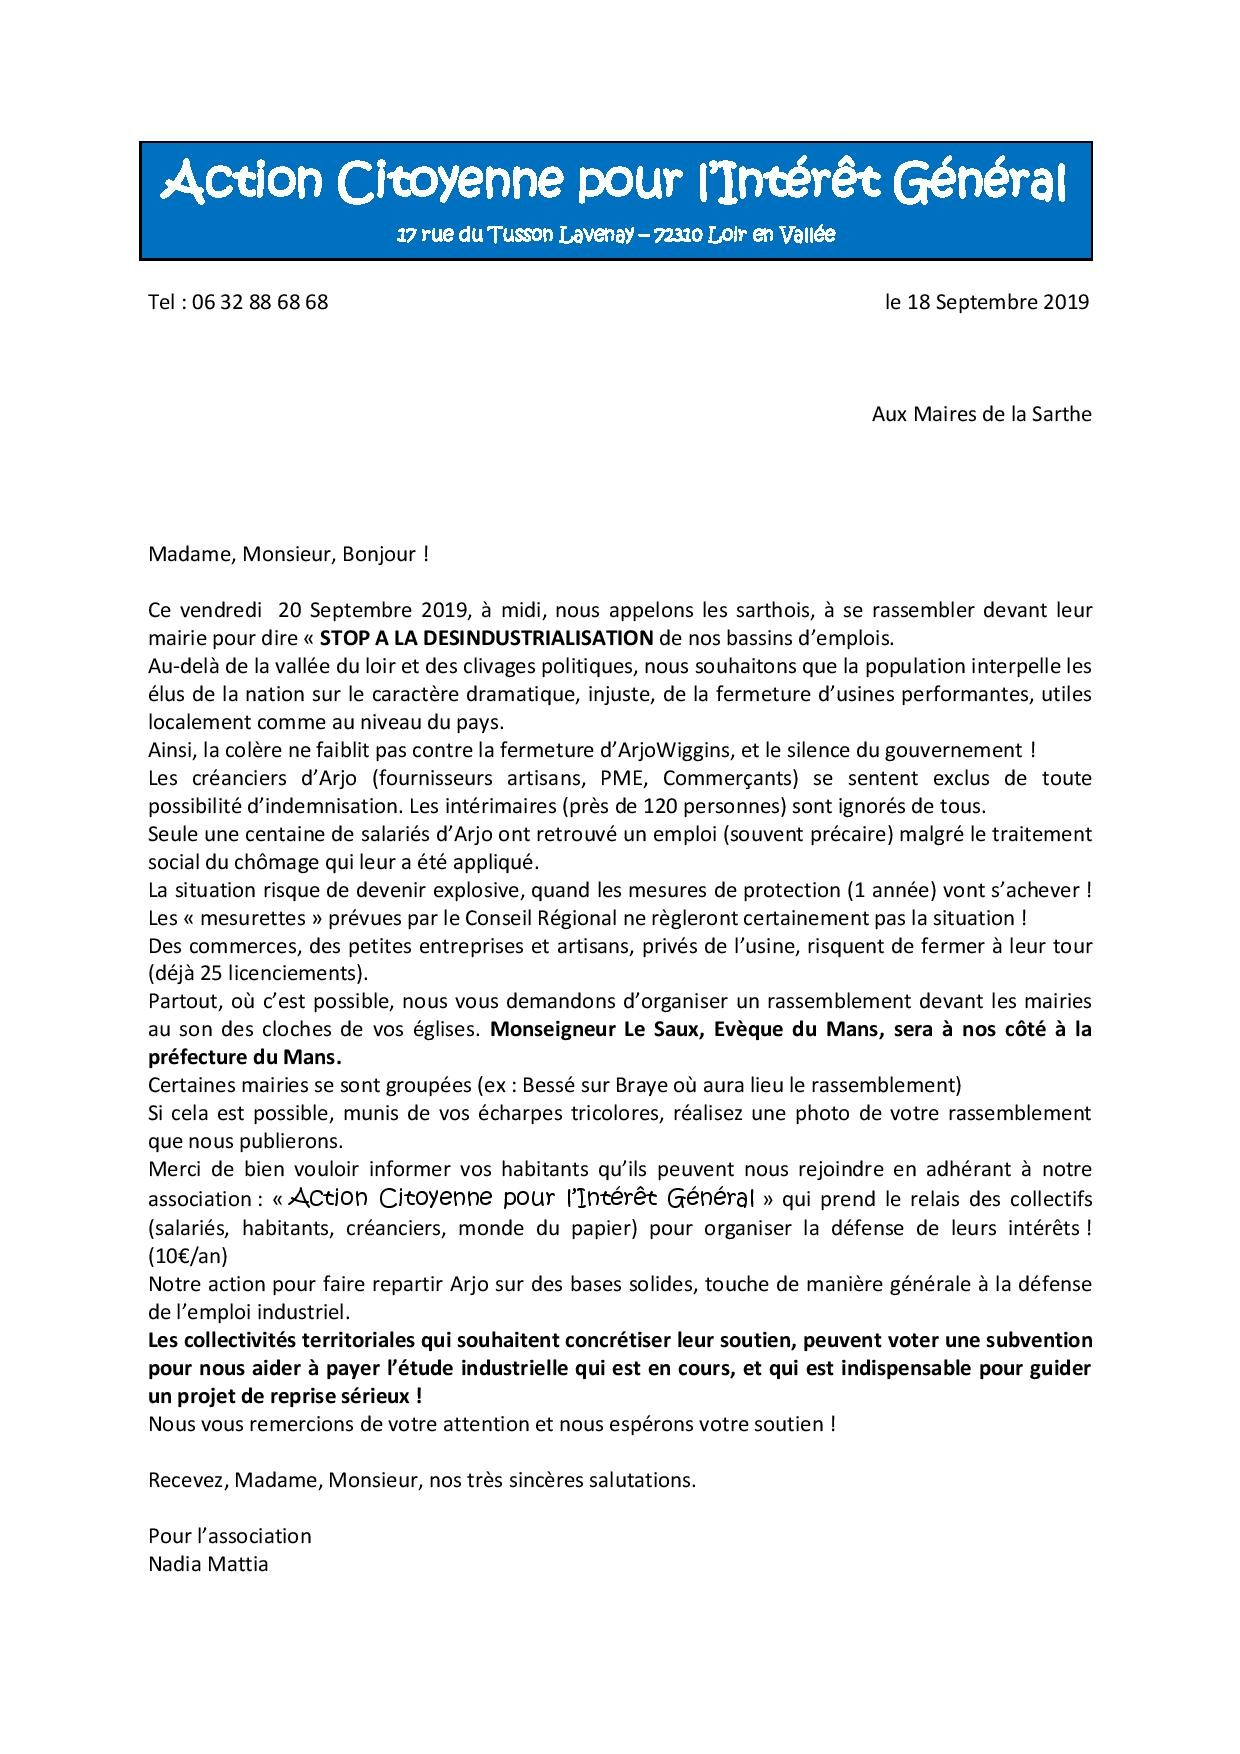 Lettre aux maires 180919 1